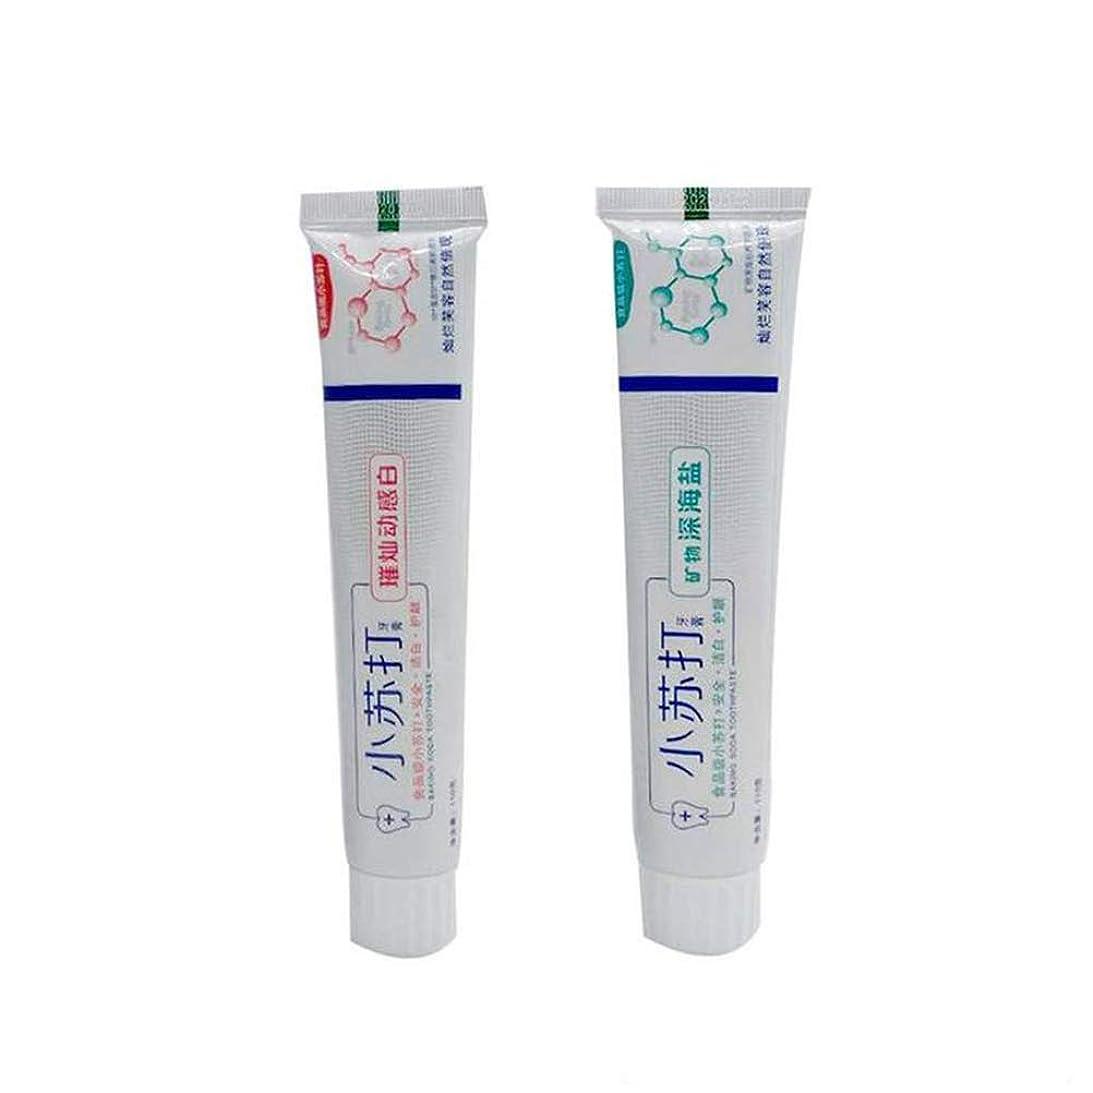 植物の次詐欺Sefod 2PCS美白用歯磨き粉 小ソーダ 天然草本の精華 美白/歯周病予防